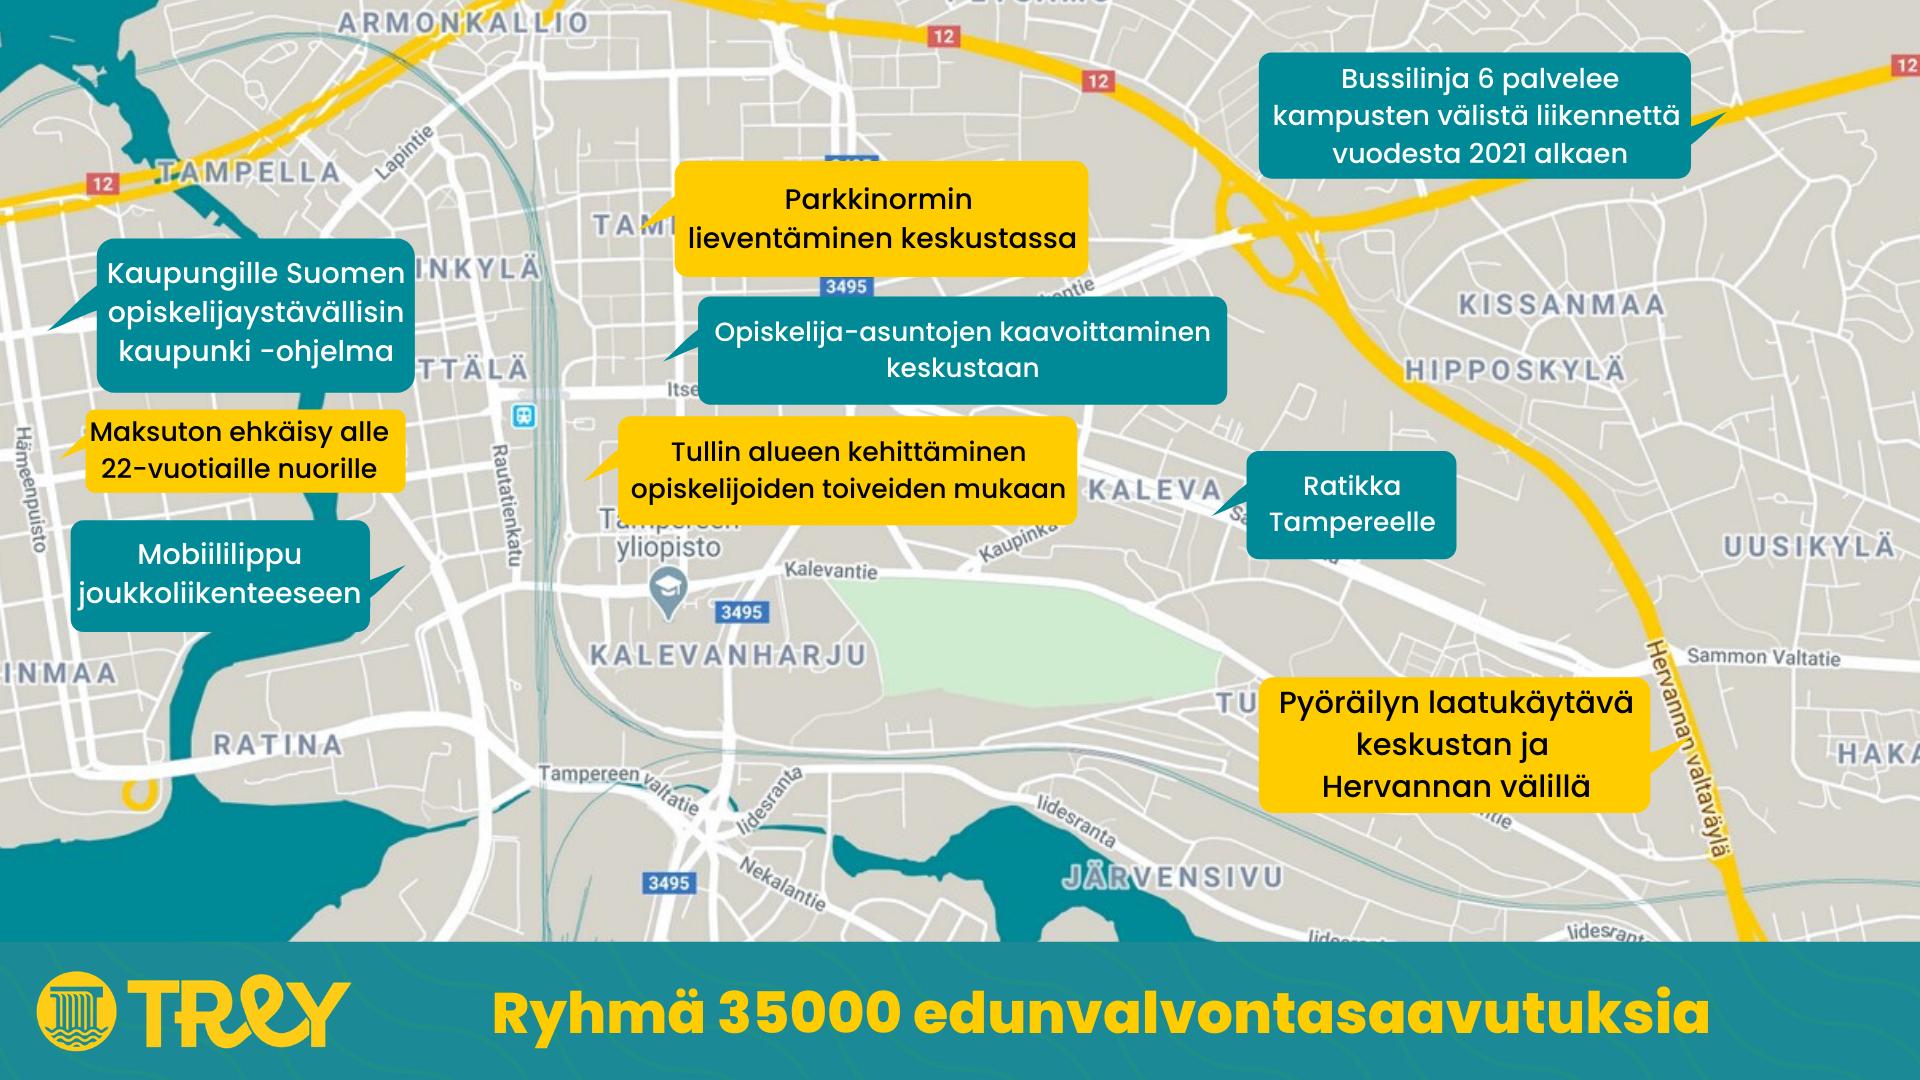 Ryhmä 35000 edunvalvontasaavutuksia Tampereen kartalla.